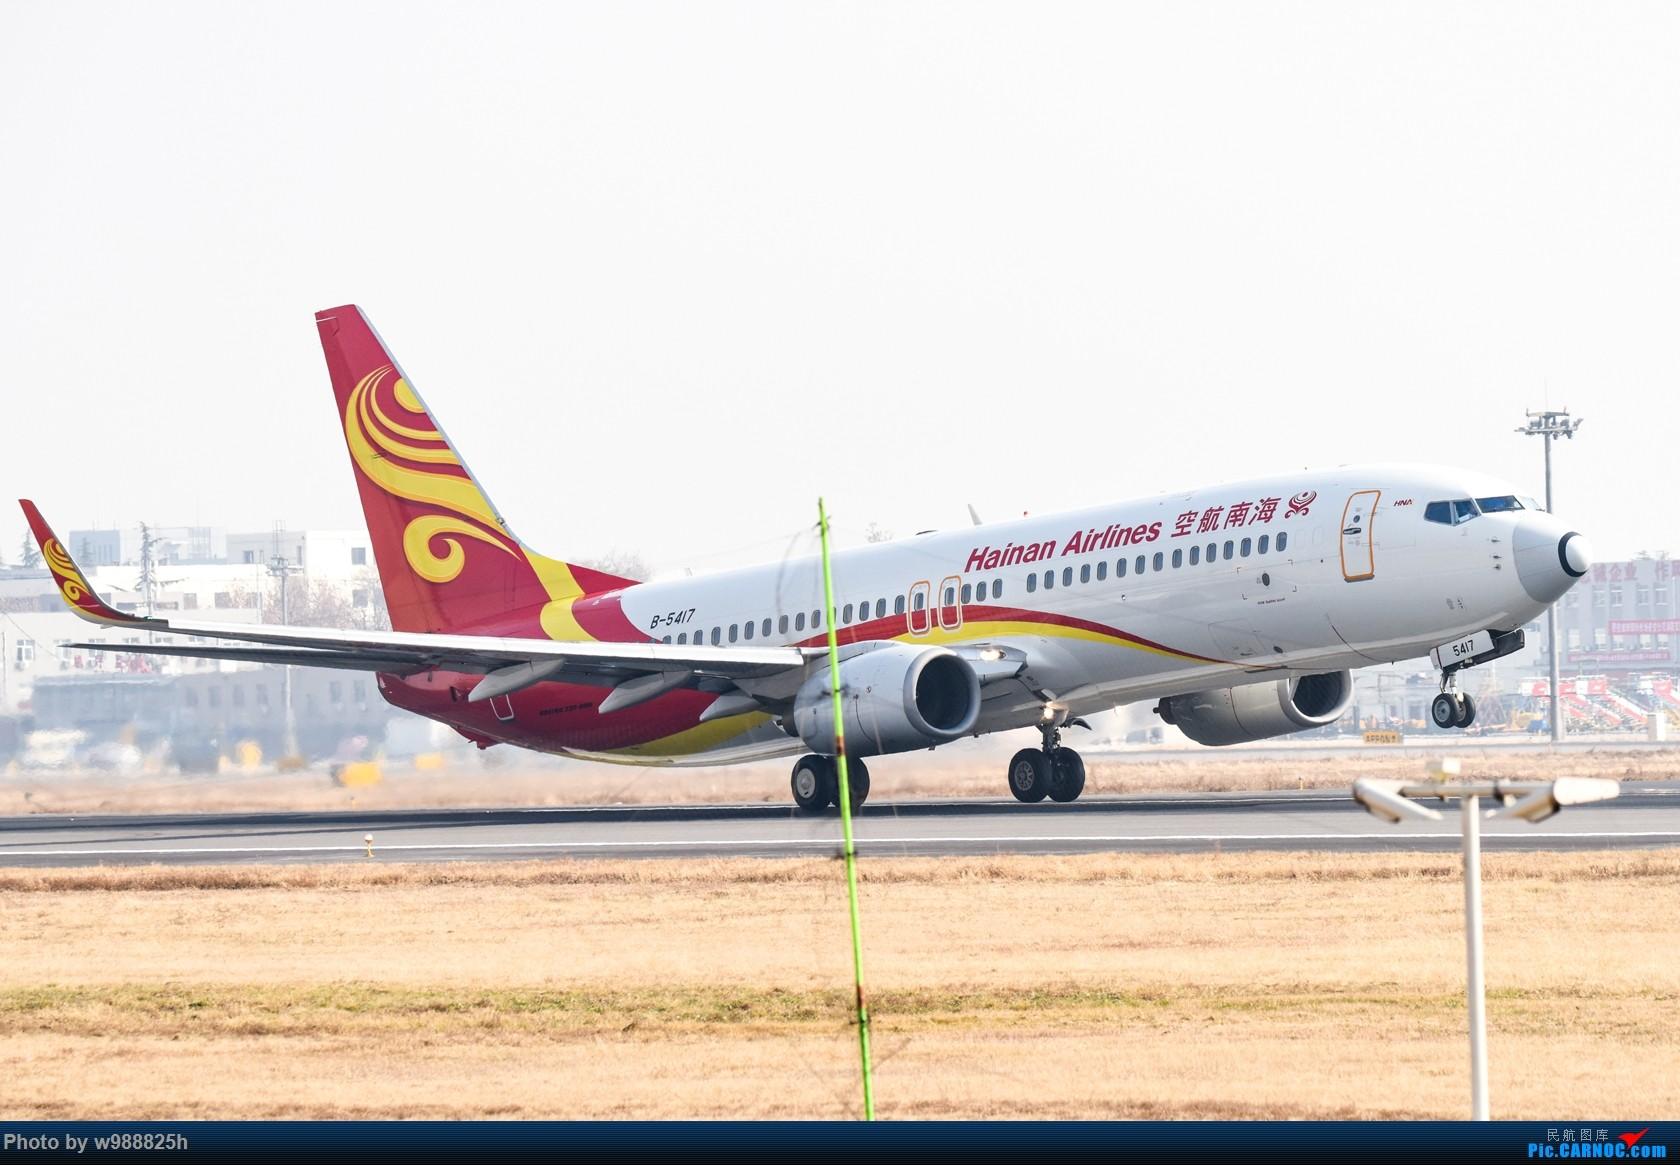 Re:[原创]【西安土著】换机后XIY首拍 就当提前给四千万庆功了 BOEING 737-800 B-5417 中国西安咸阳国际机场